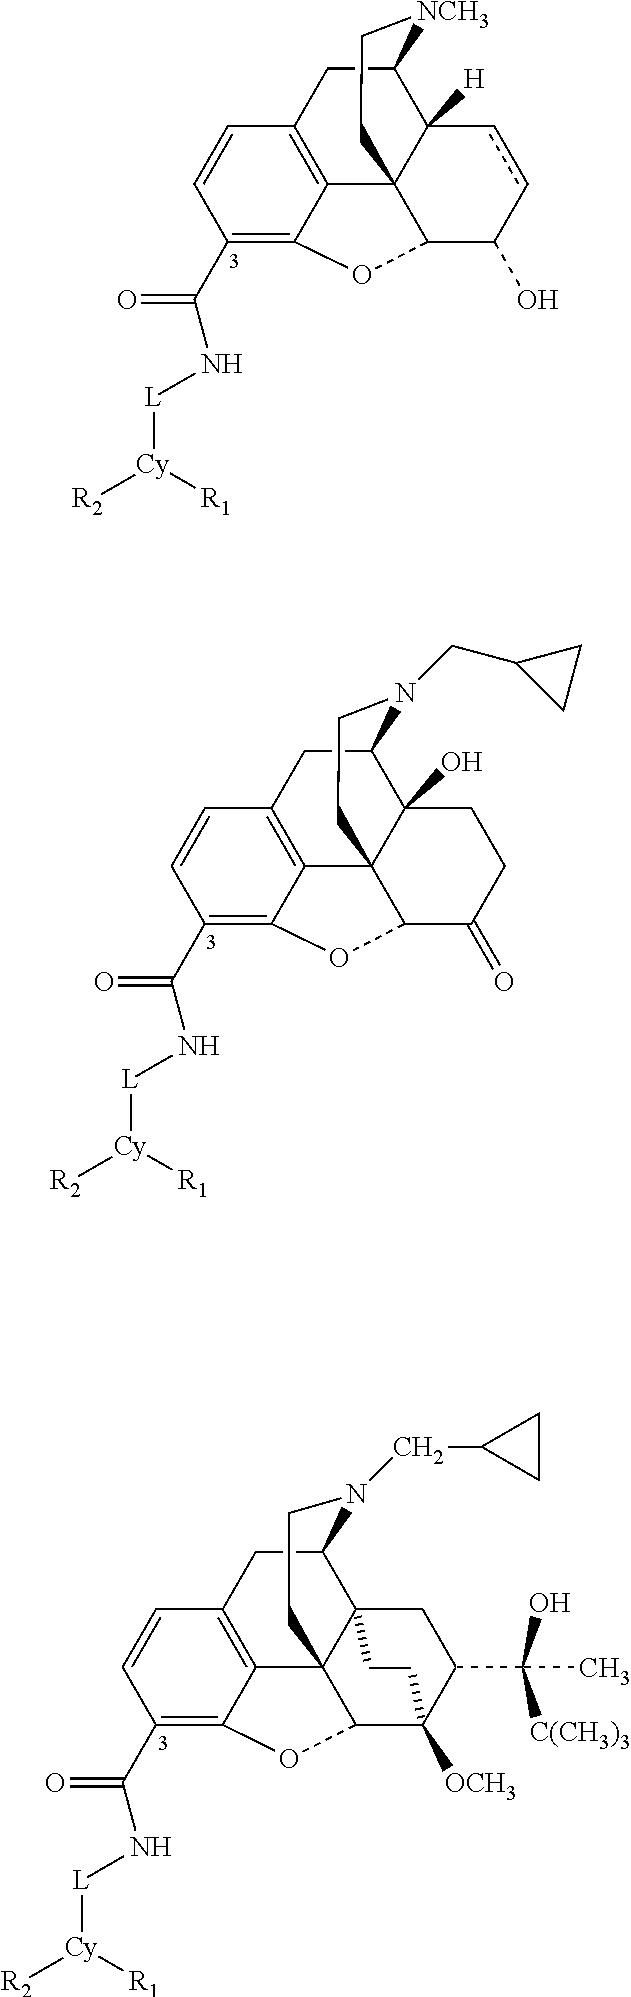 Figure US08957085-20150217-C00023